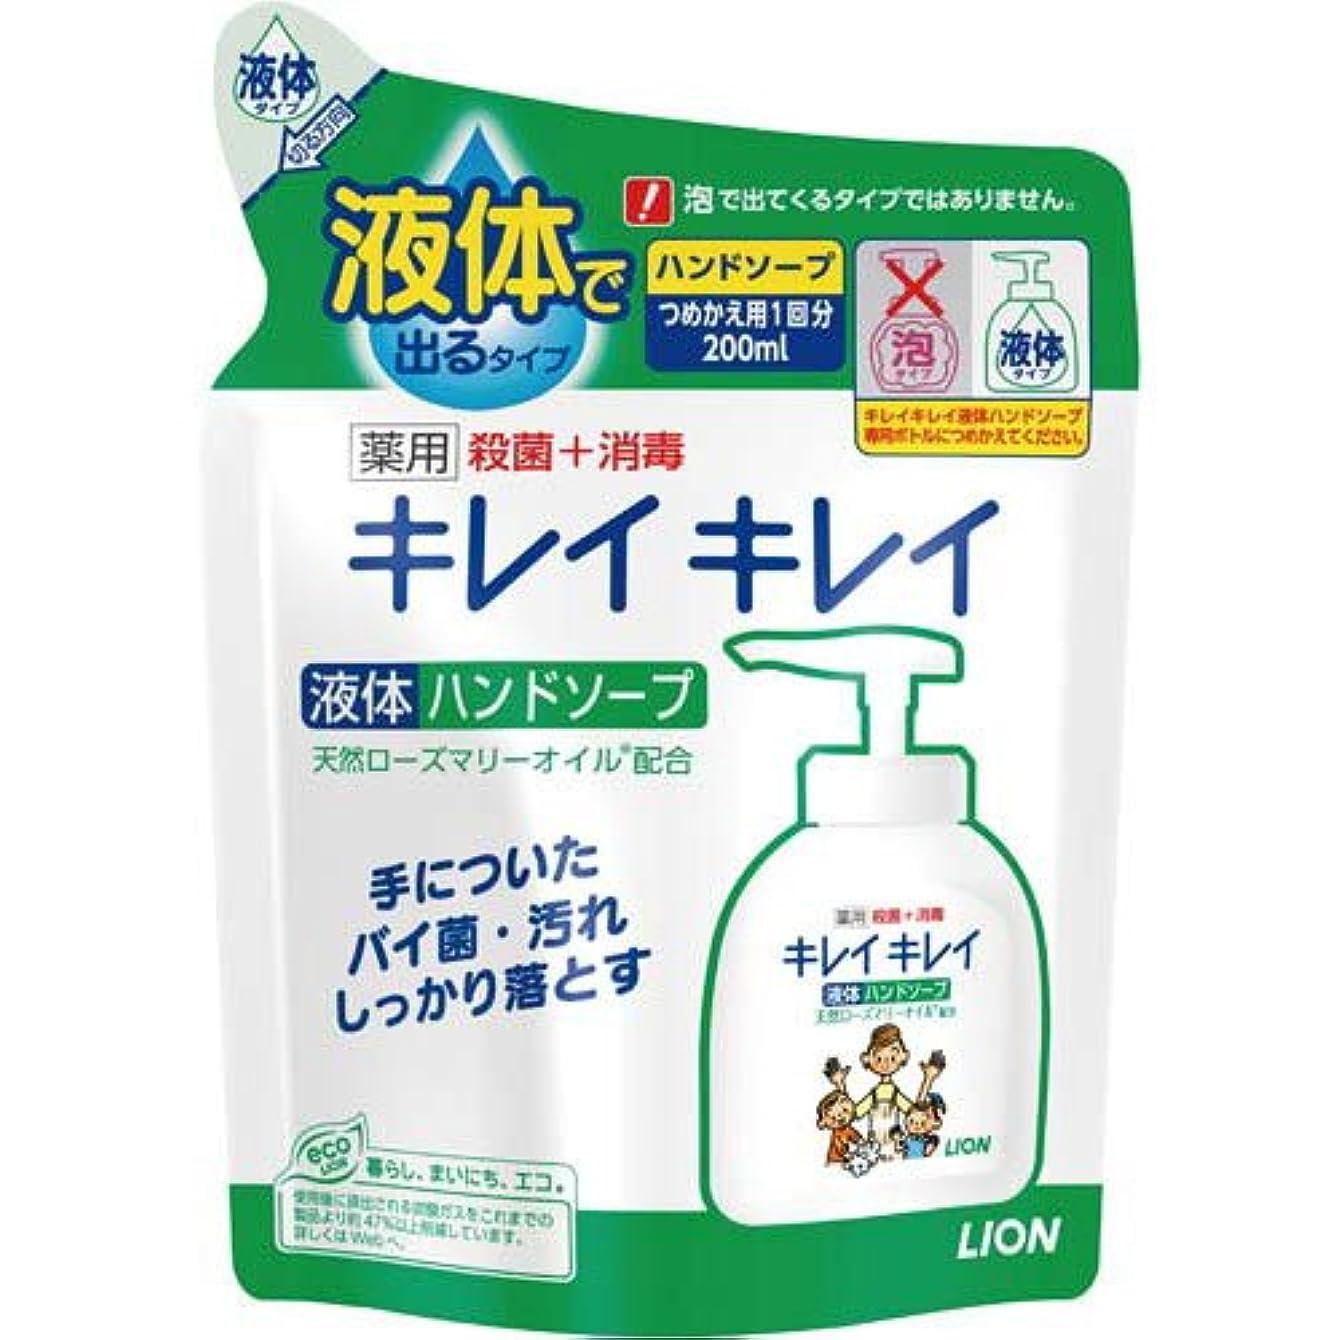 作者丘魚ライオン キレイキレイ薬用ハンドソープ 詰替用200ml×5